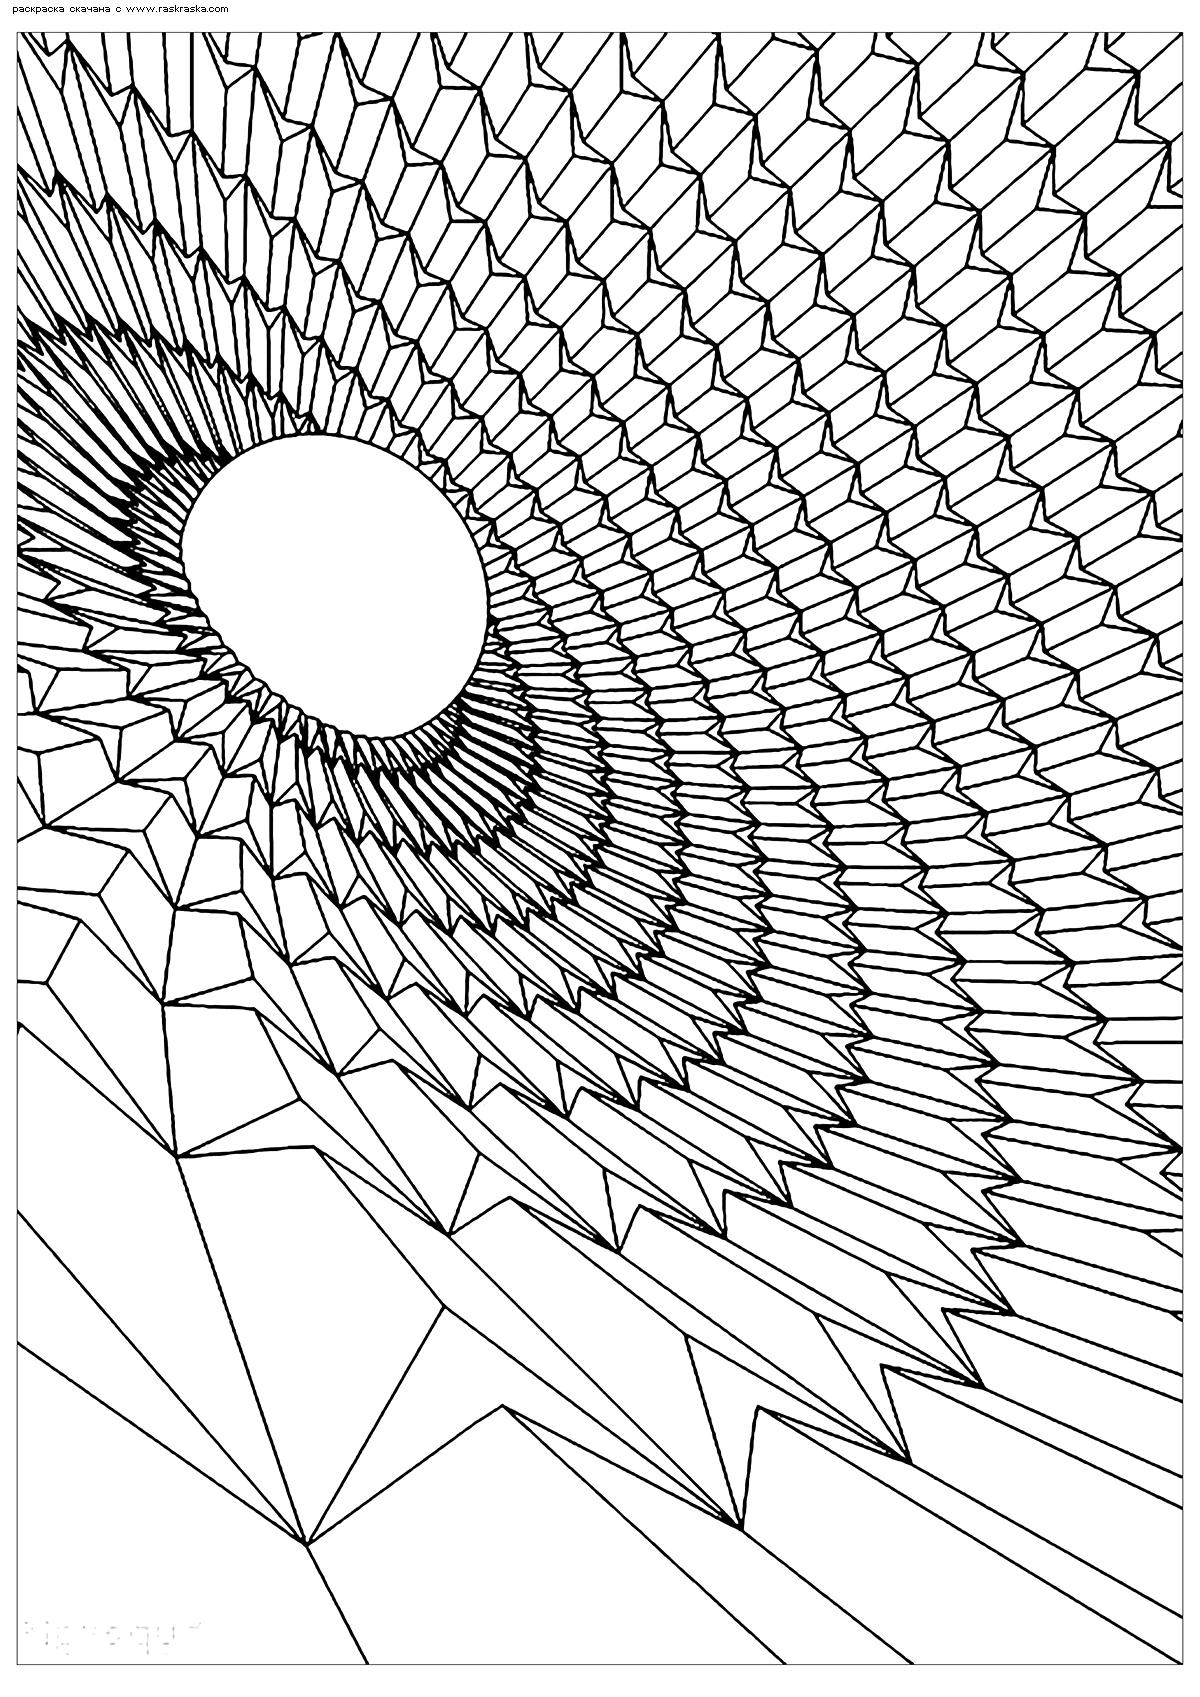 Раскраска Черная дыра. Раскраска космос, антистресс